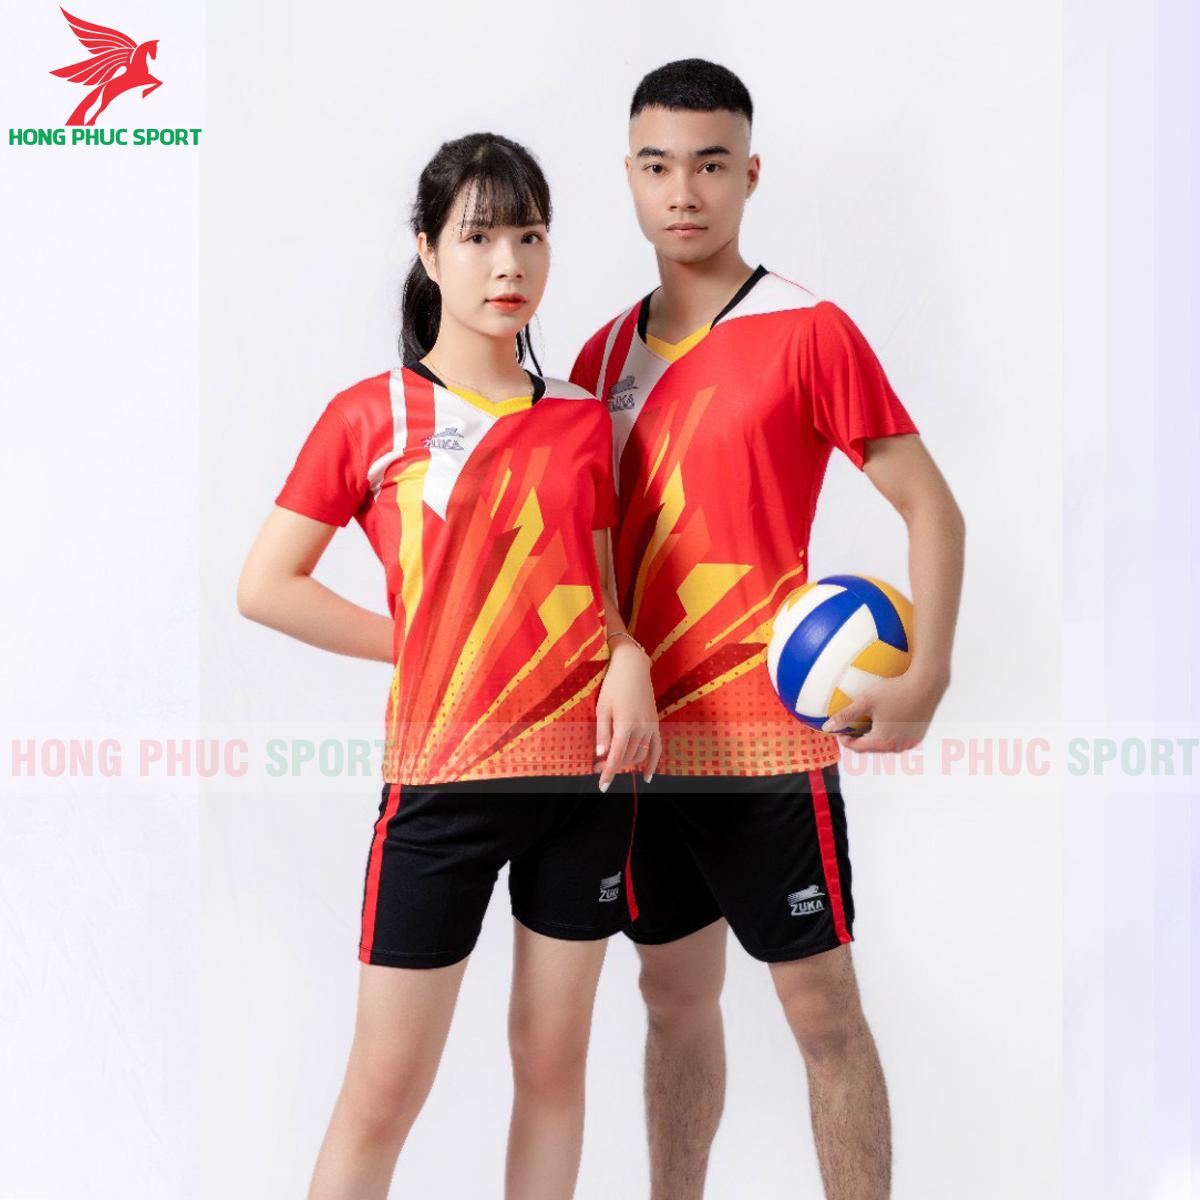 Quần áo bóng chuyền Zuka - 01 2021màu đỏ (1)